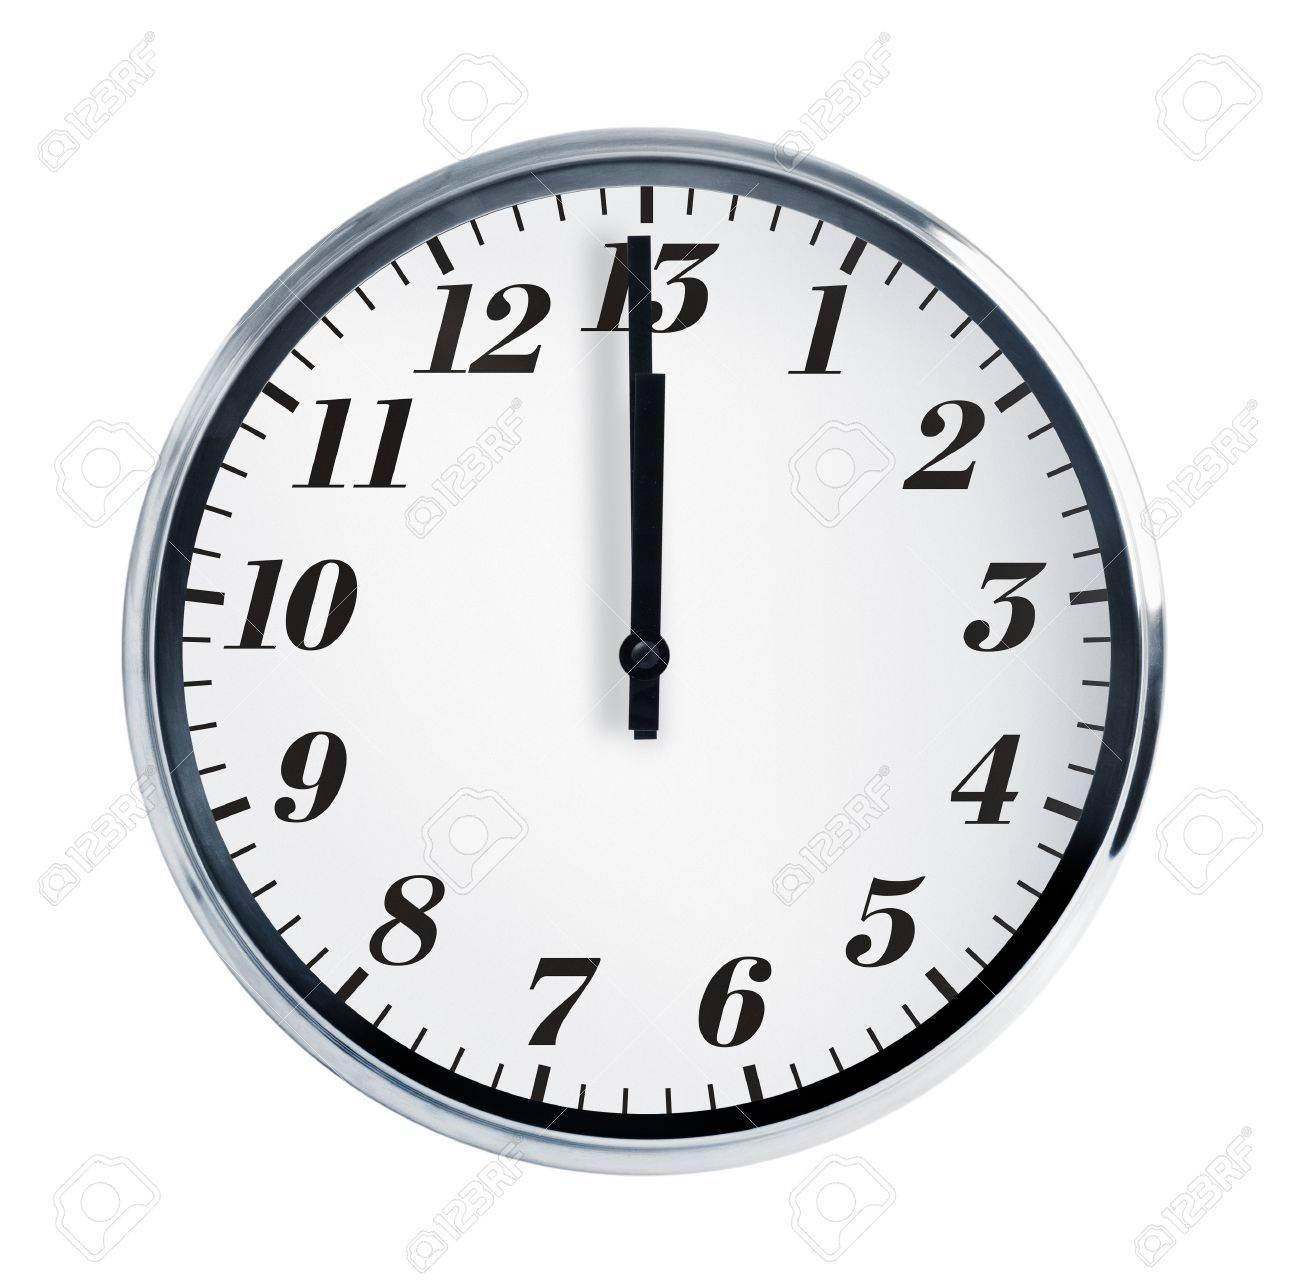 壁掛け時計で正午に白い背景のシ...